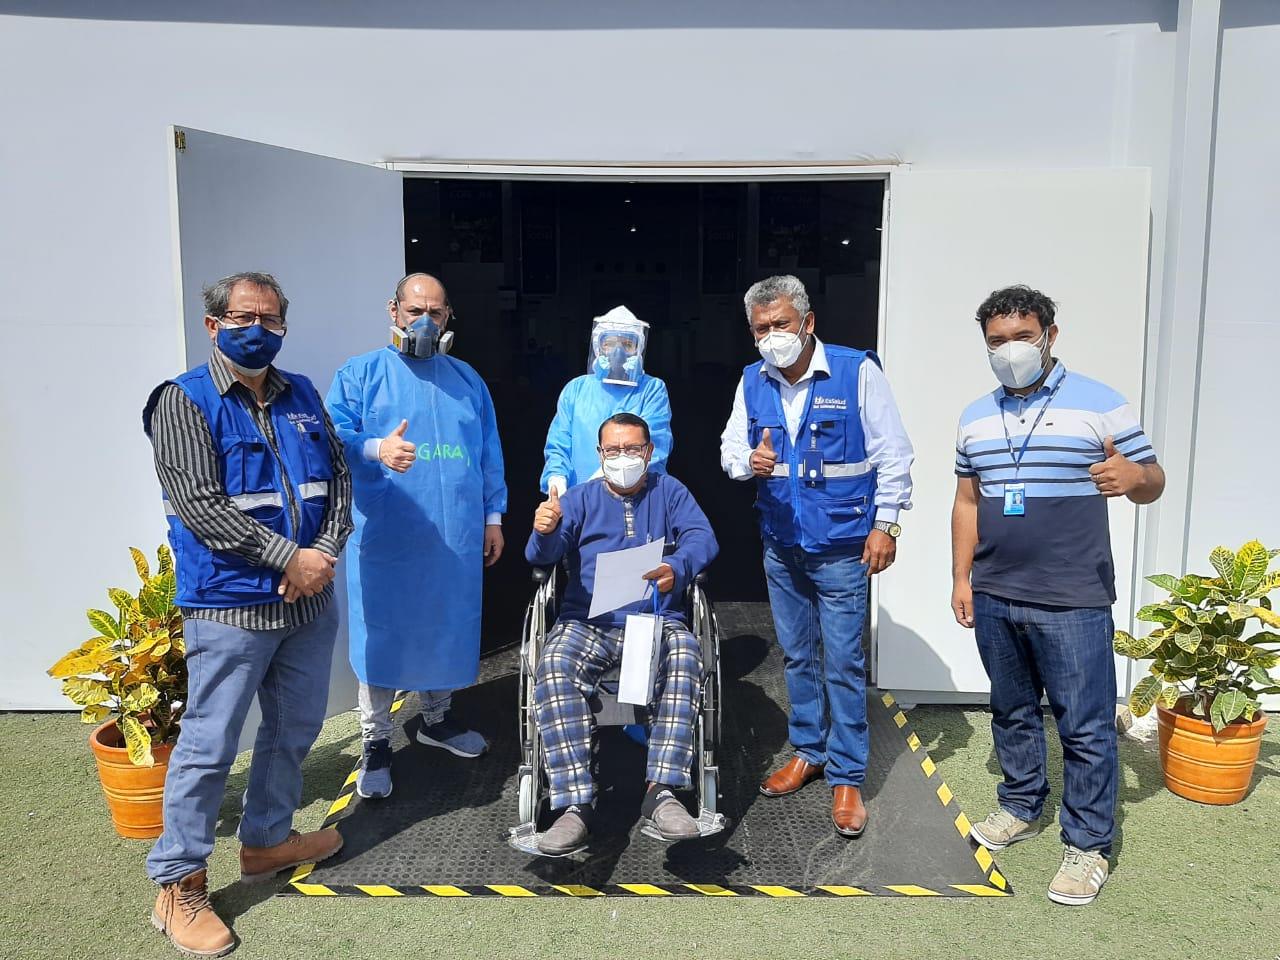 Essalud - Dan de alta a primer paciente en la Villa EsSalud Chimbote que supera el Covid-19